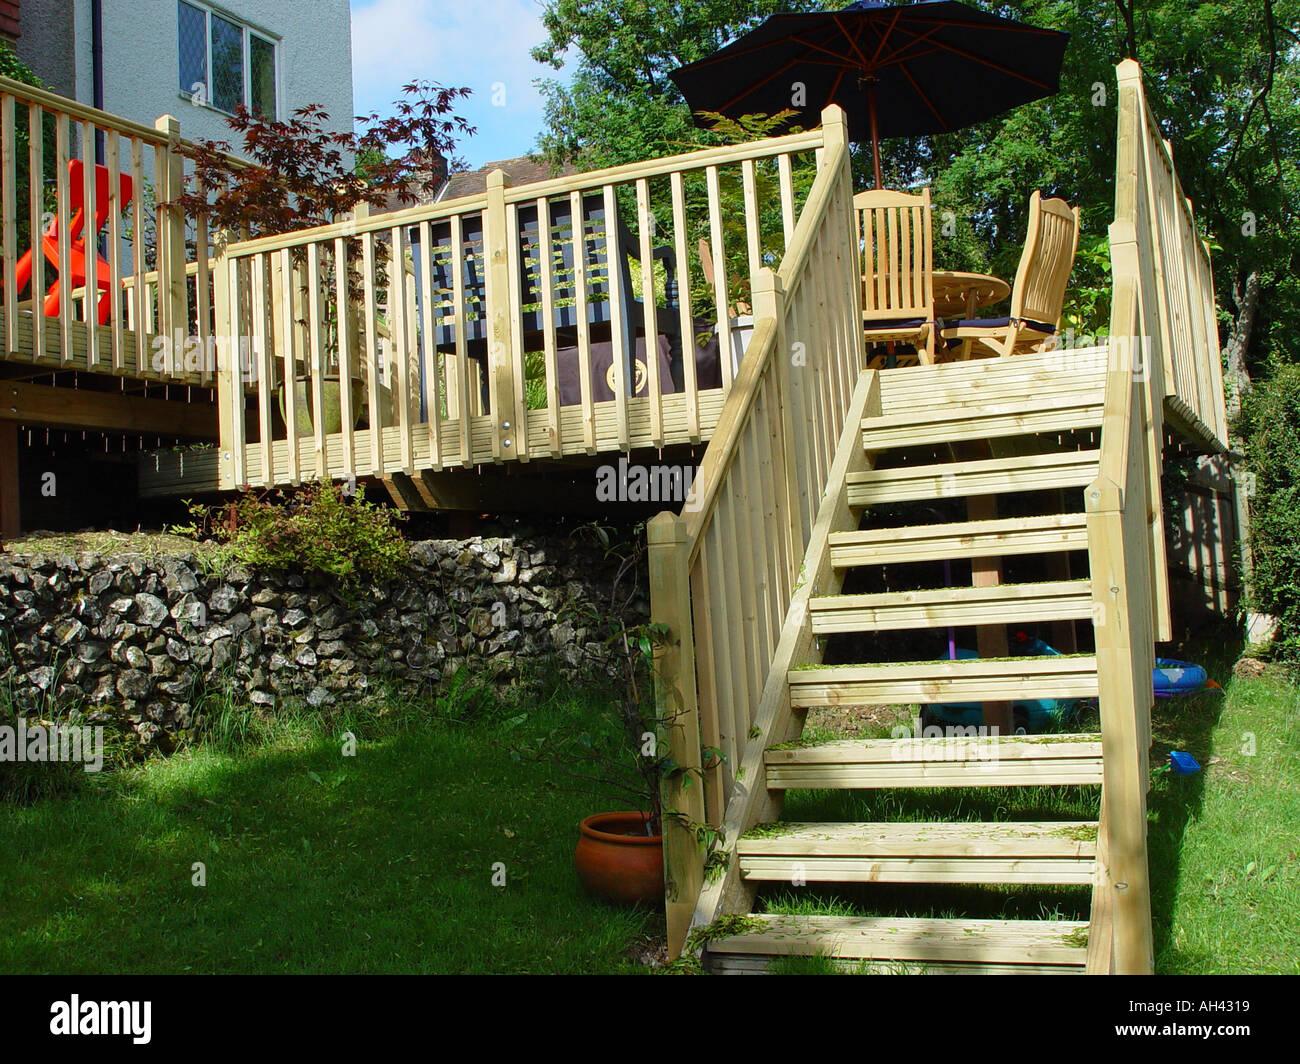 Decking Staircase From Garden Deck Into Garden Includes Balustrades   Stock  Image